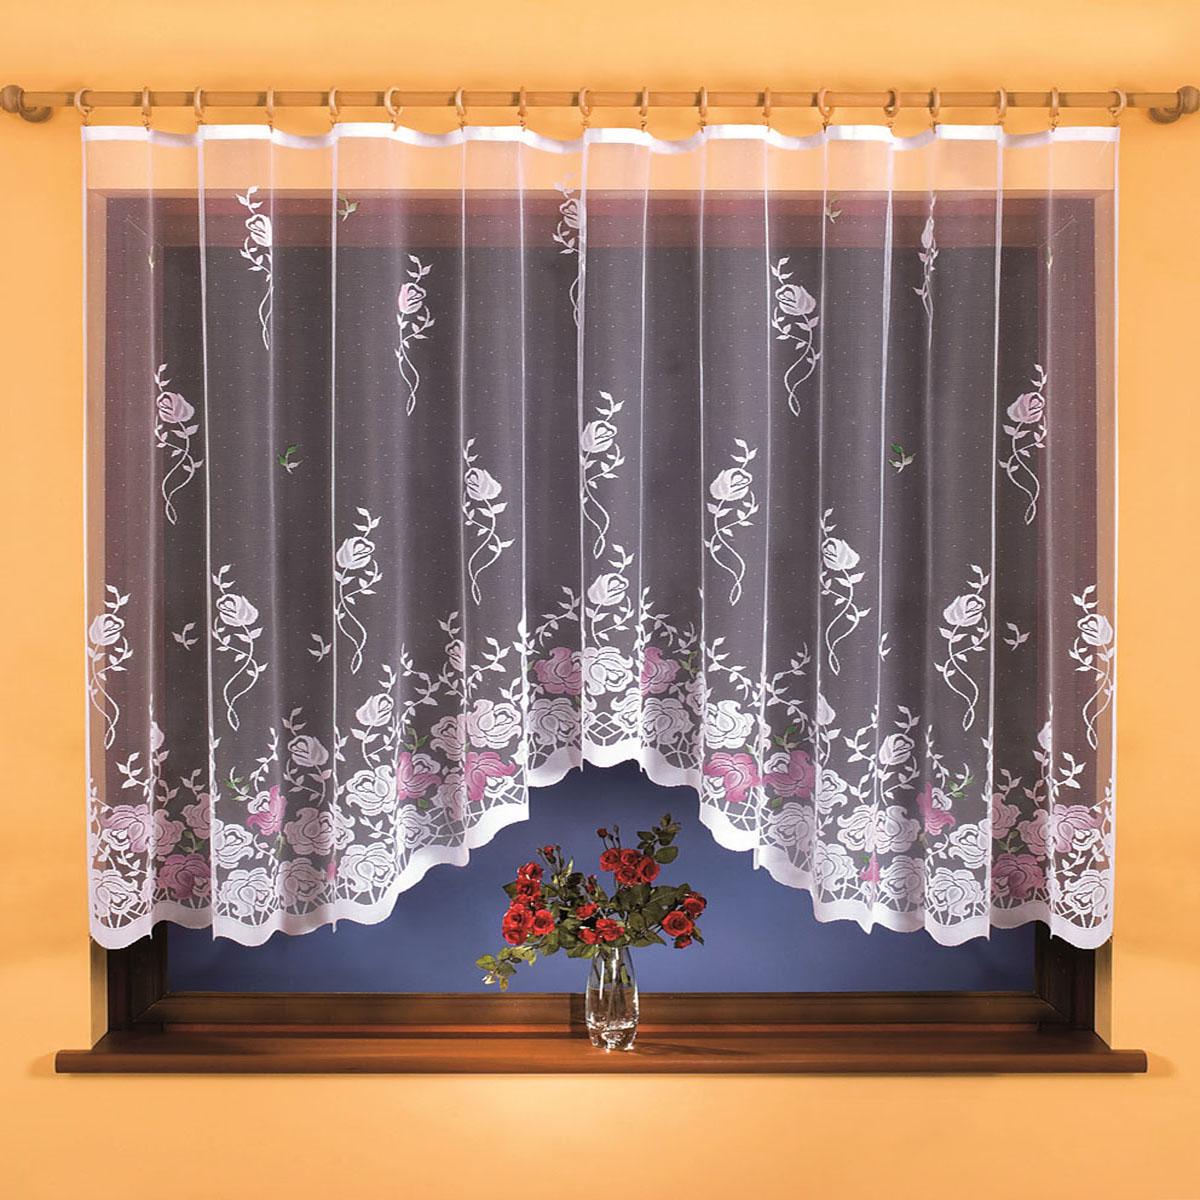 Гардина Wisan, цвет: белый, ширина 300 см, высота 150 см. 9701SVC-300вид крепления - под зажимы для шторРазмеры: ширина 300*высота 150